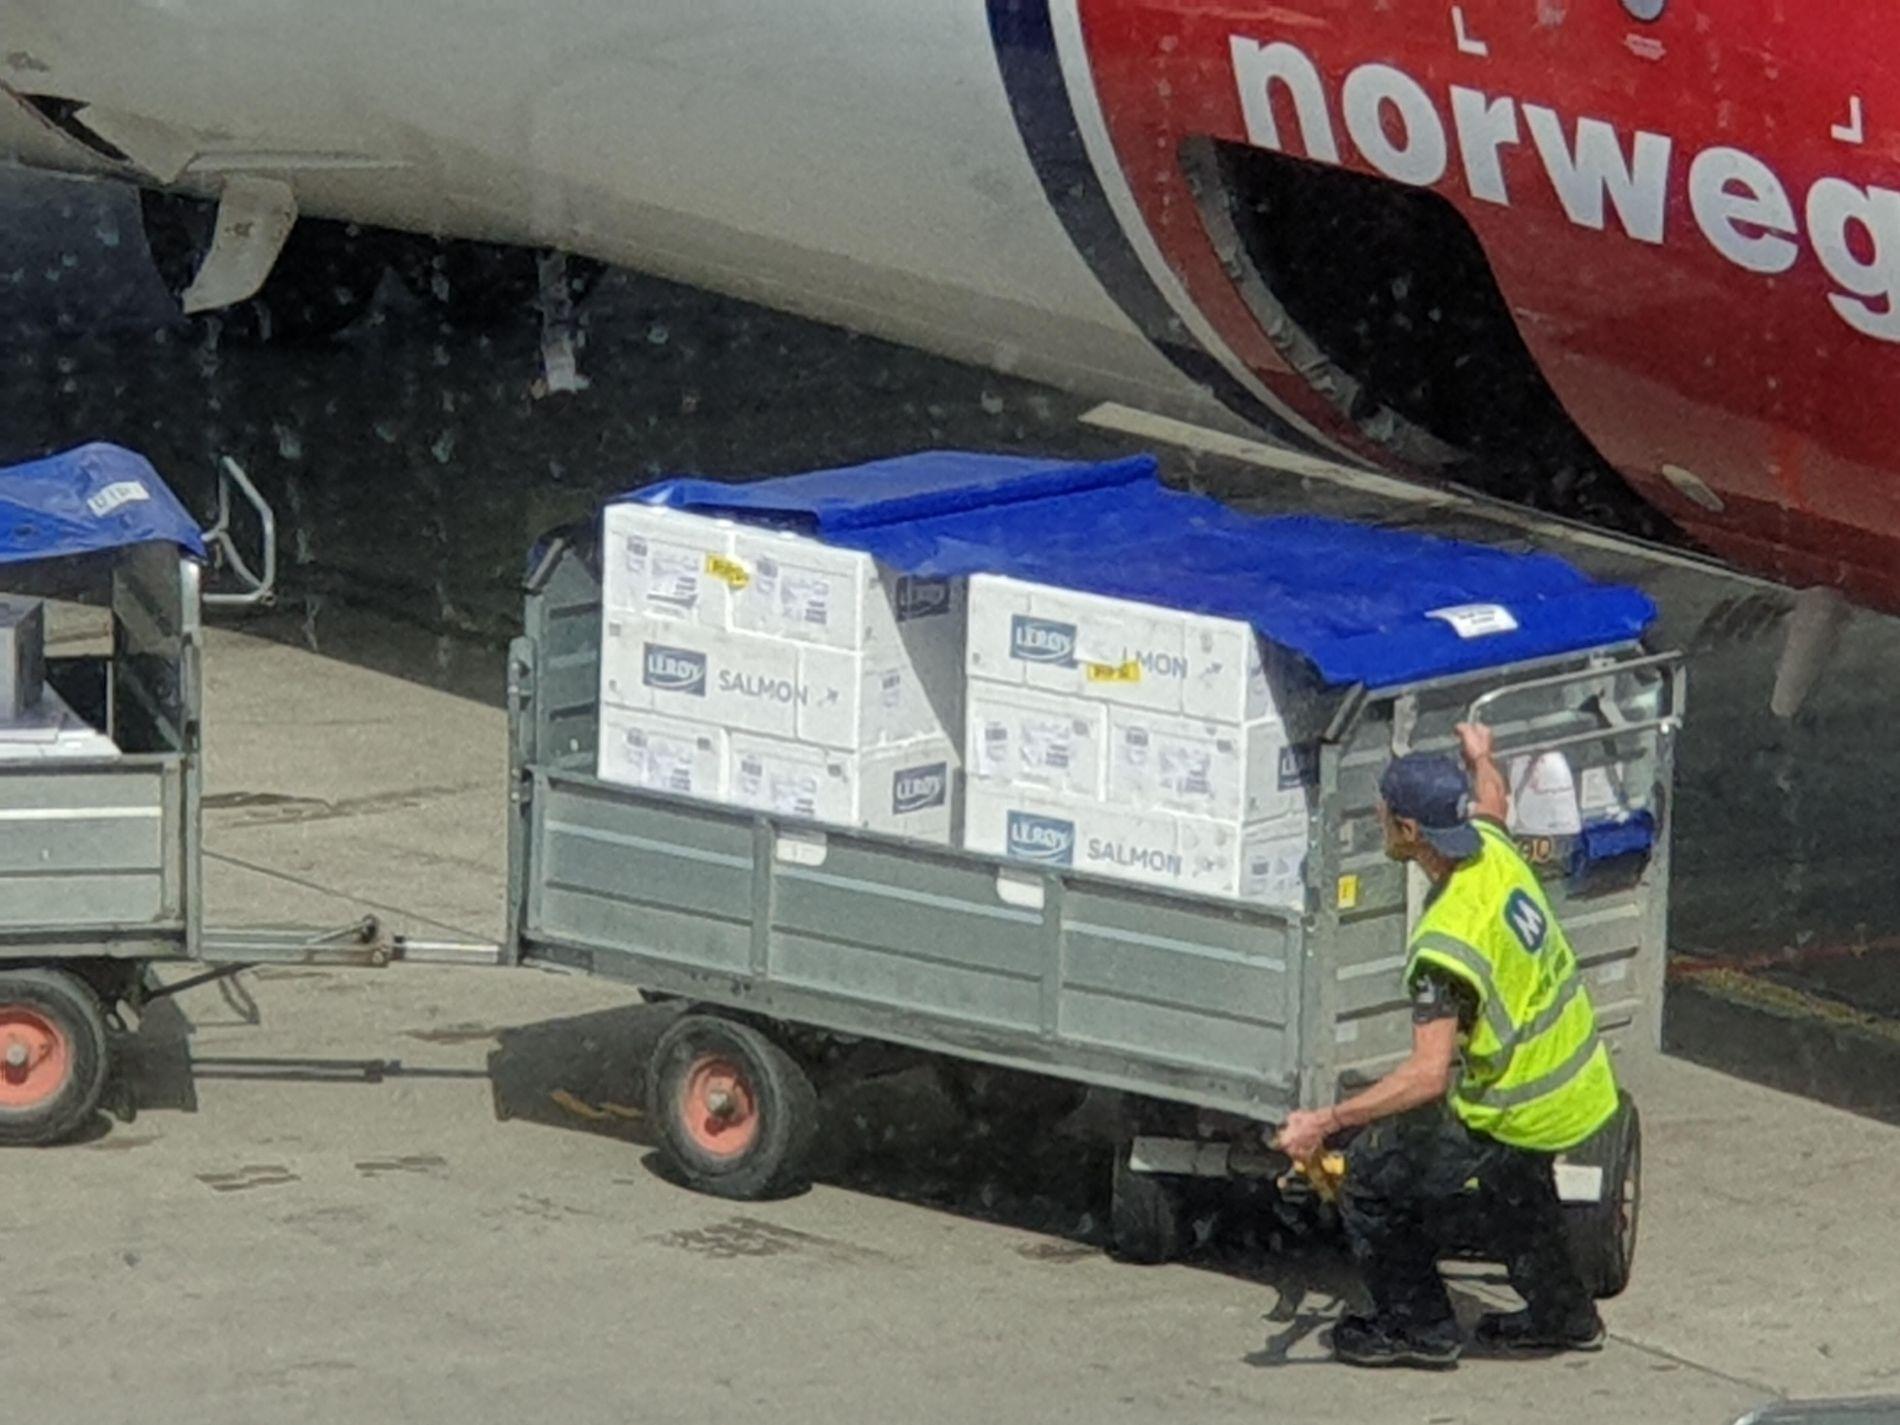 GLAD LAKS: Passasjer Gaute Næss har tatt bildet som dokumenterer at Norwegian prioriterte fersk laks fremfor bagasjen til feriestemte sydenfarere.